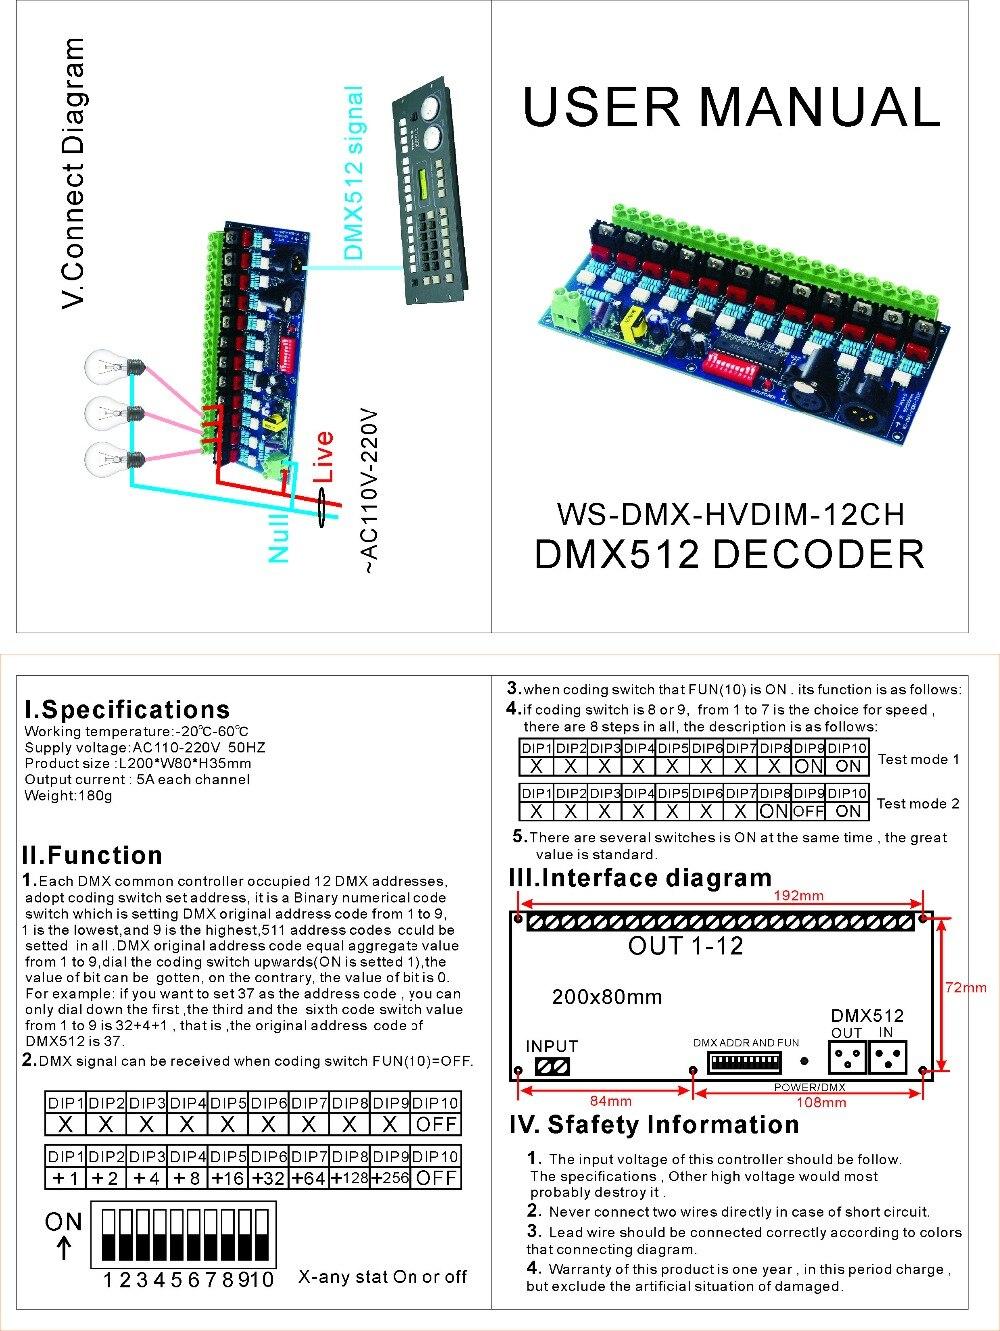 WS-DMX-HVDIM-12CH